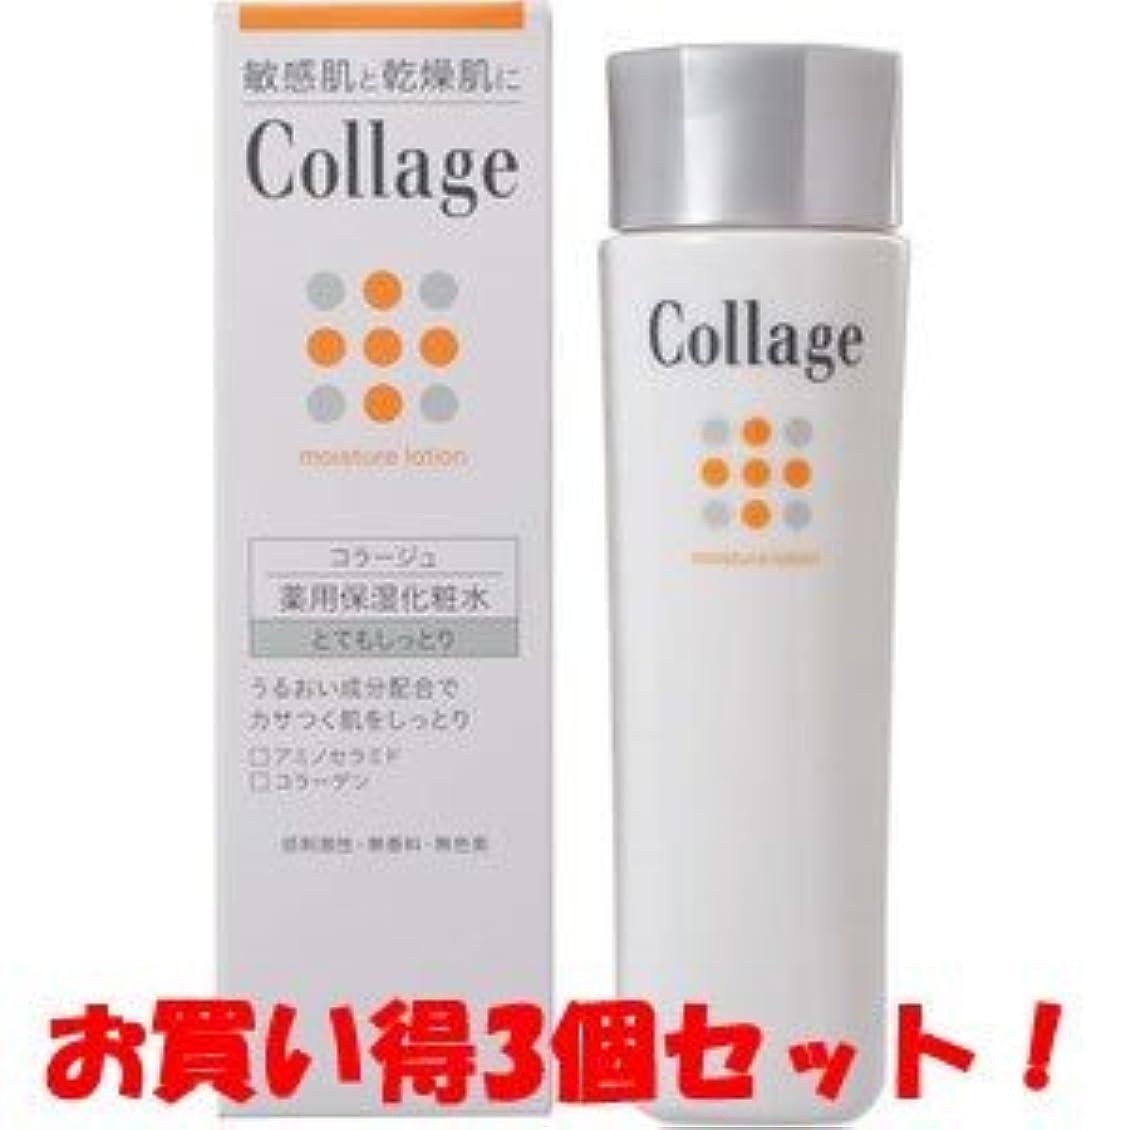 クレデンシャルダース吸収剤(持田ヘルスケア)コラージュ 薬用保湿化粧水 とてもしっとり 120ml(医薬部外品)(お買い得3個セット)